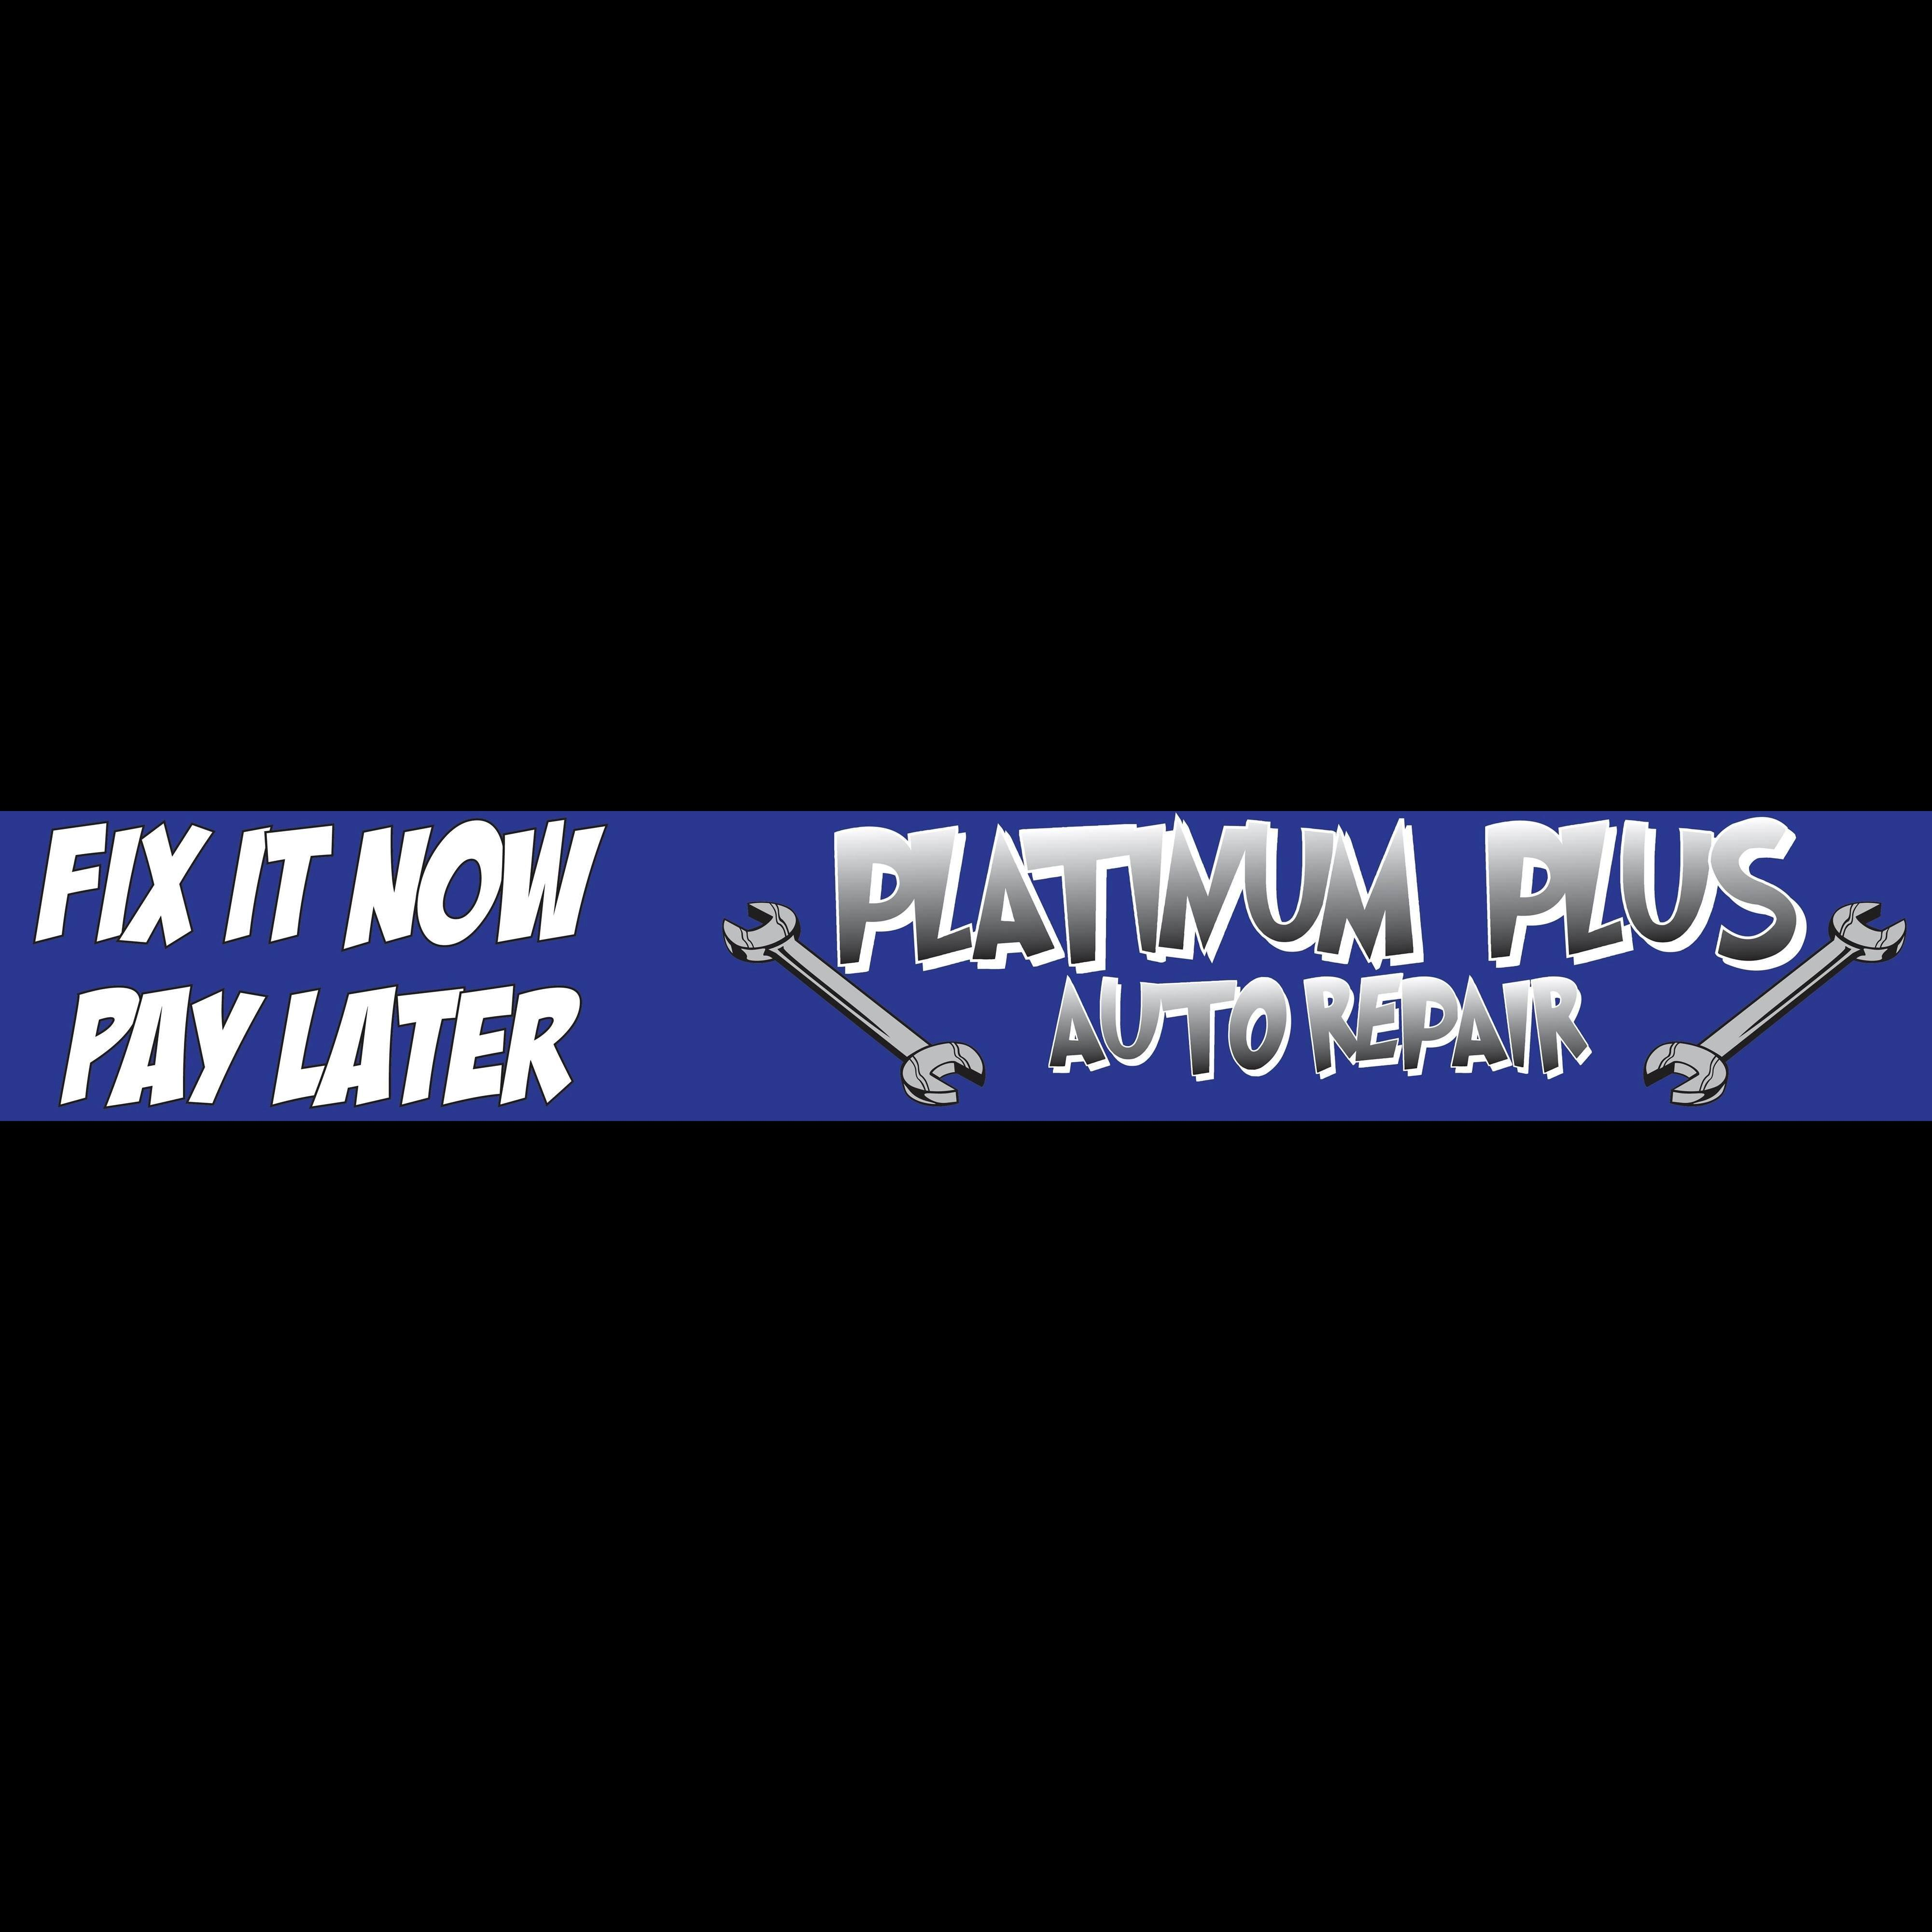 Platinum Plus Auto Repair